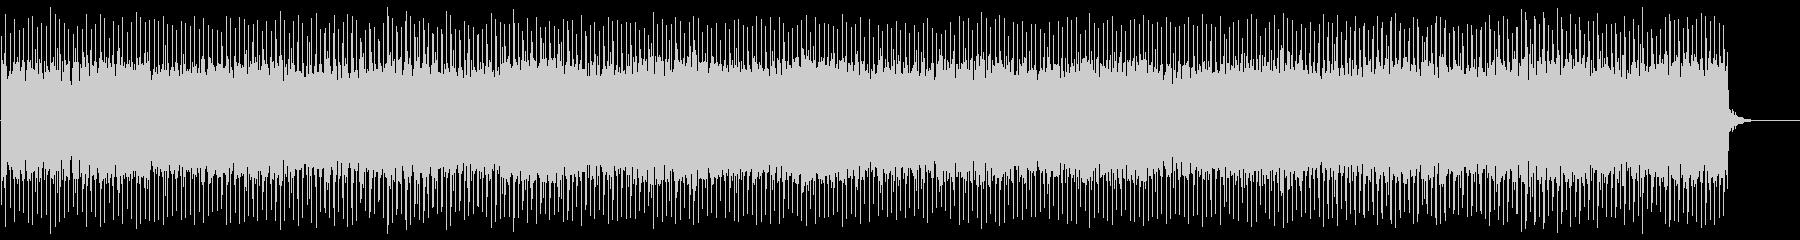 テクノっぽいニュース的なBGMの未再生の波形